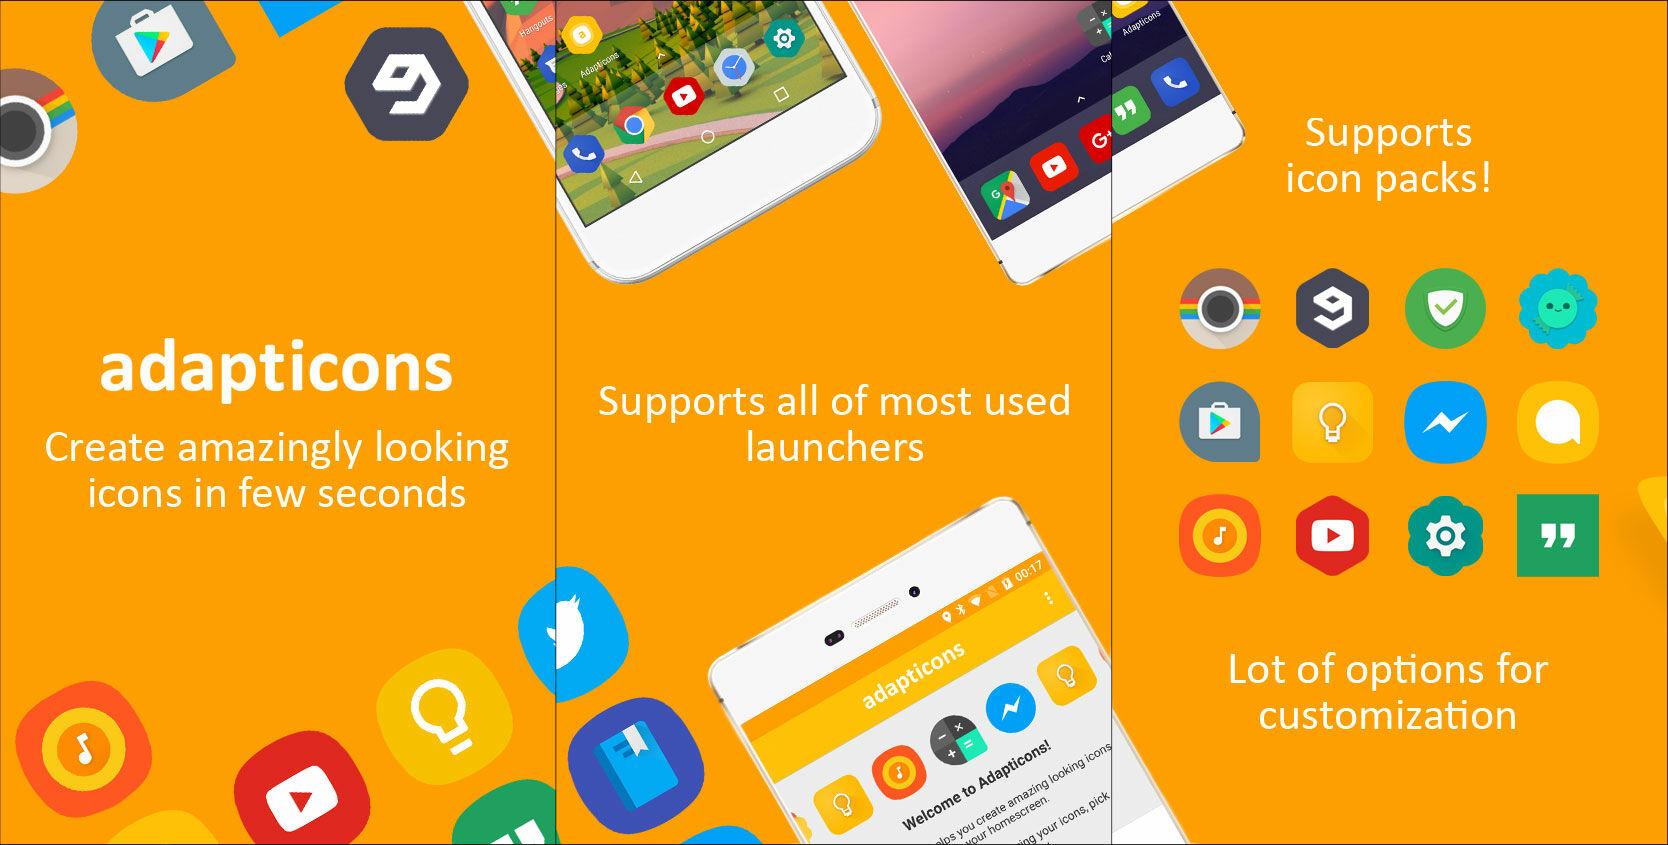 Aplikasi Android Paling Adapticons